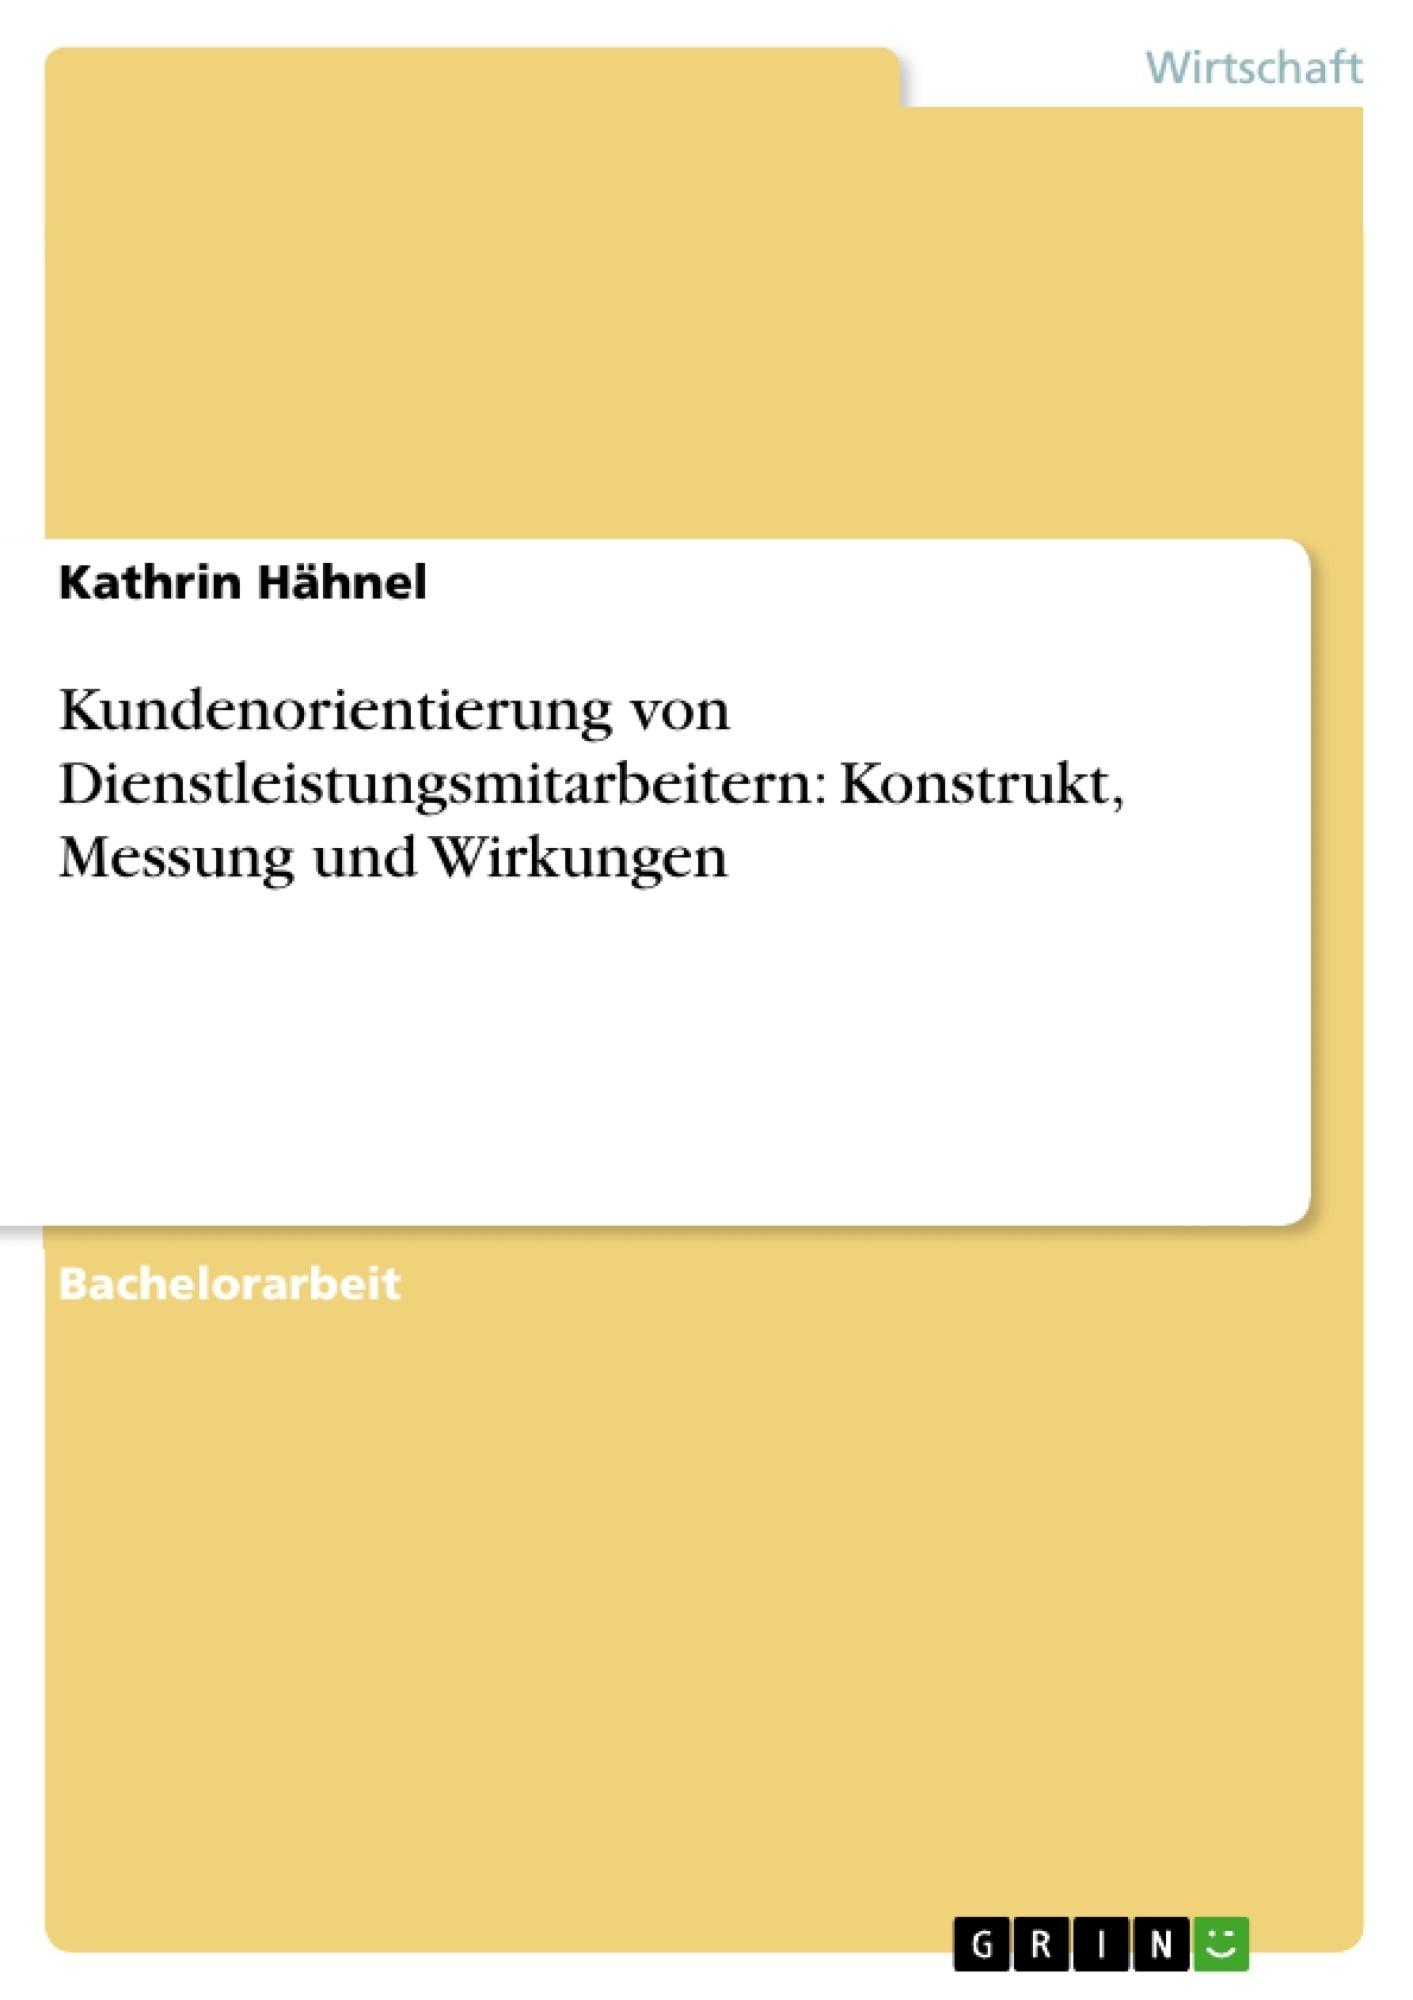 Titel: Kundenorientierung von Dienstleistungsmitarbeitern: Konstrukt, Messung und Wirkungen